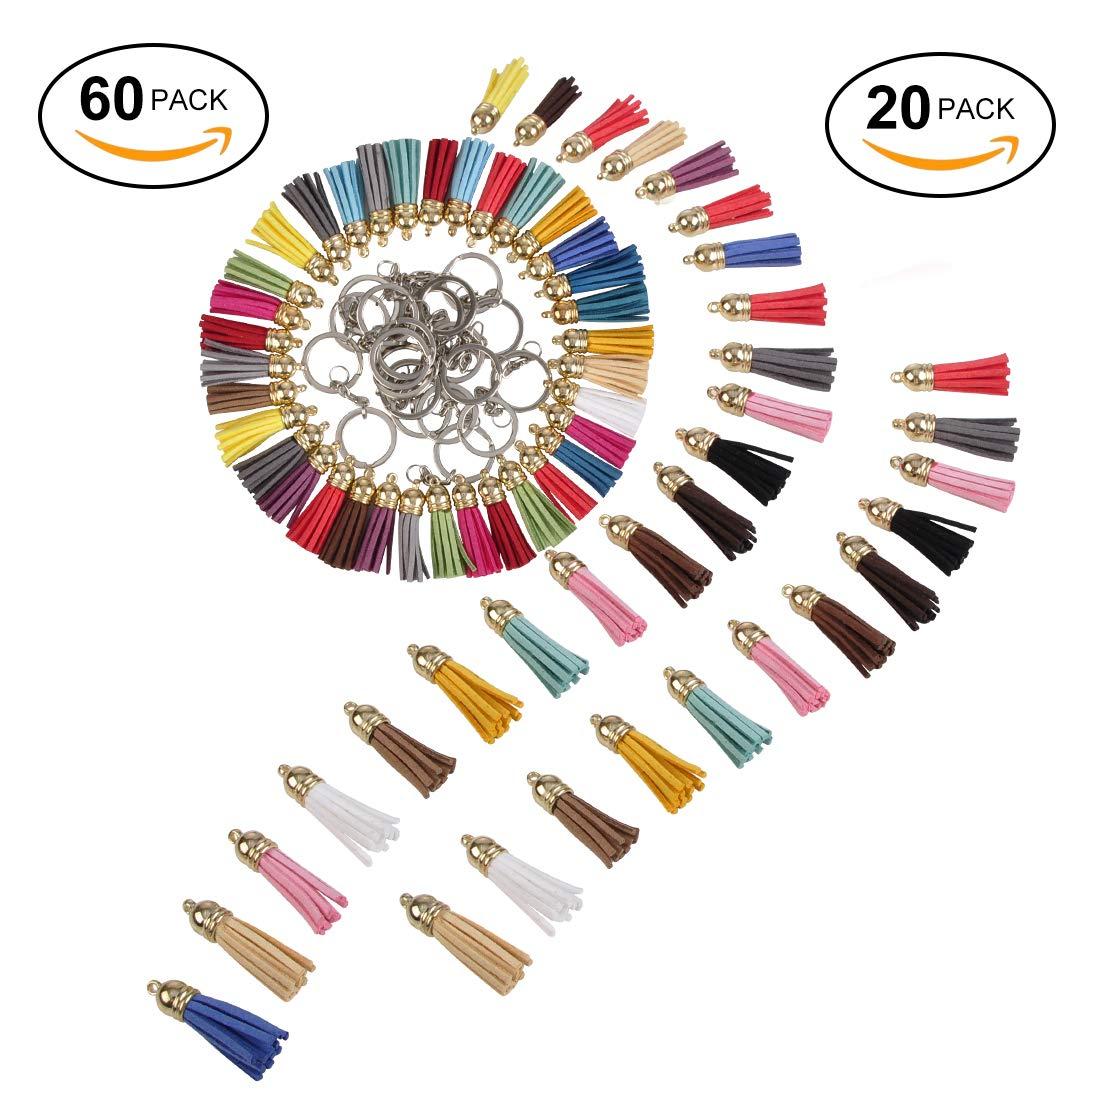 Ciaoed Keychain Anhänger Quaste Leder Quaste Faux Wildleder Quaste mit Kappen für Keychain DIY Zubehör, 60 Stücke 20 Farben